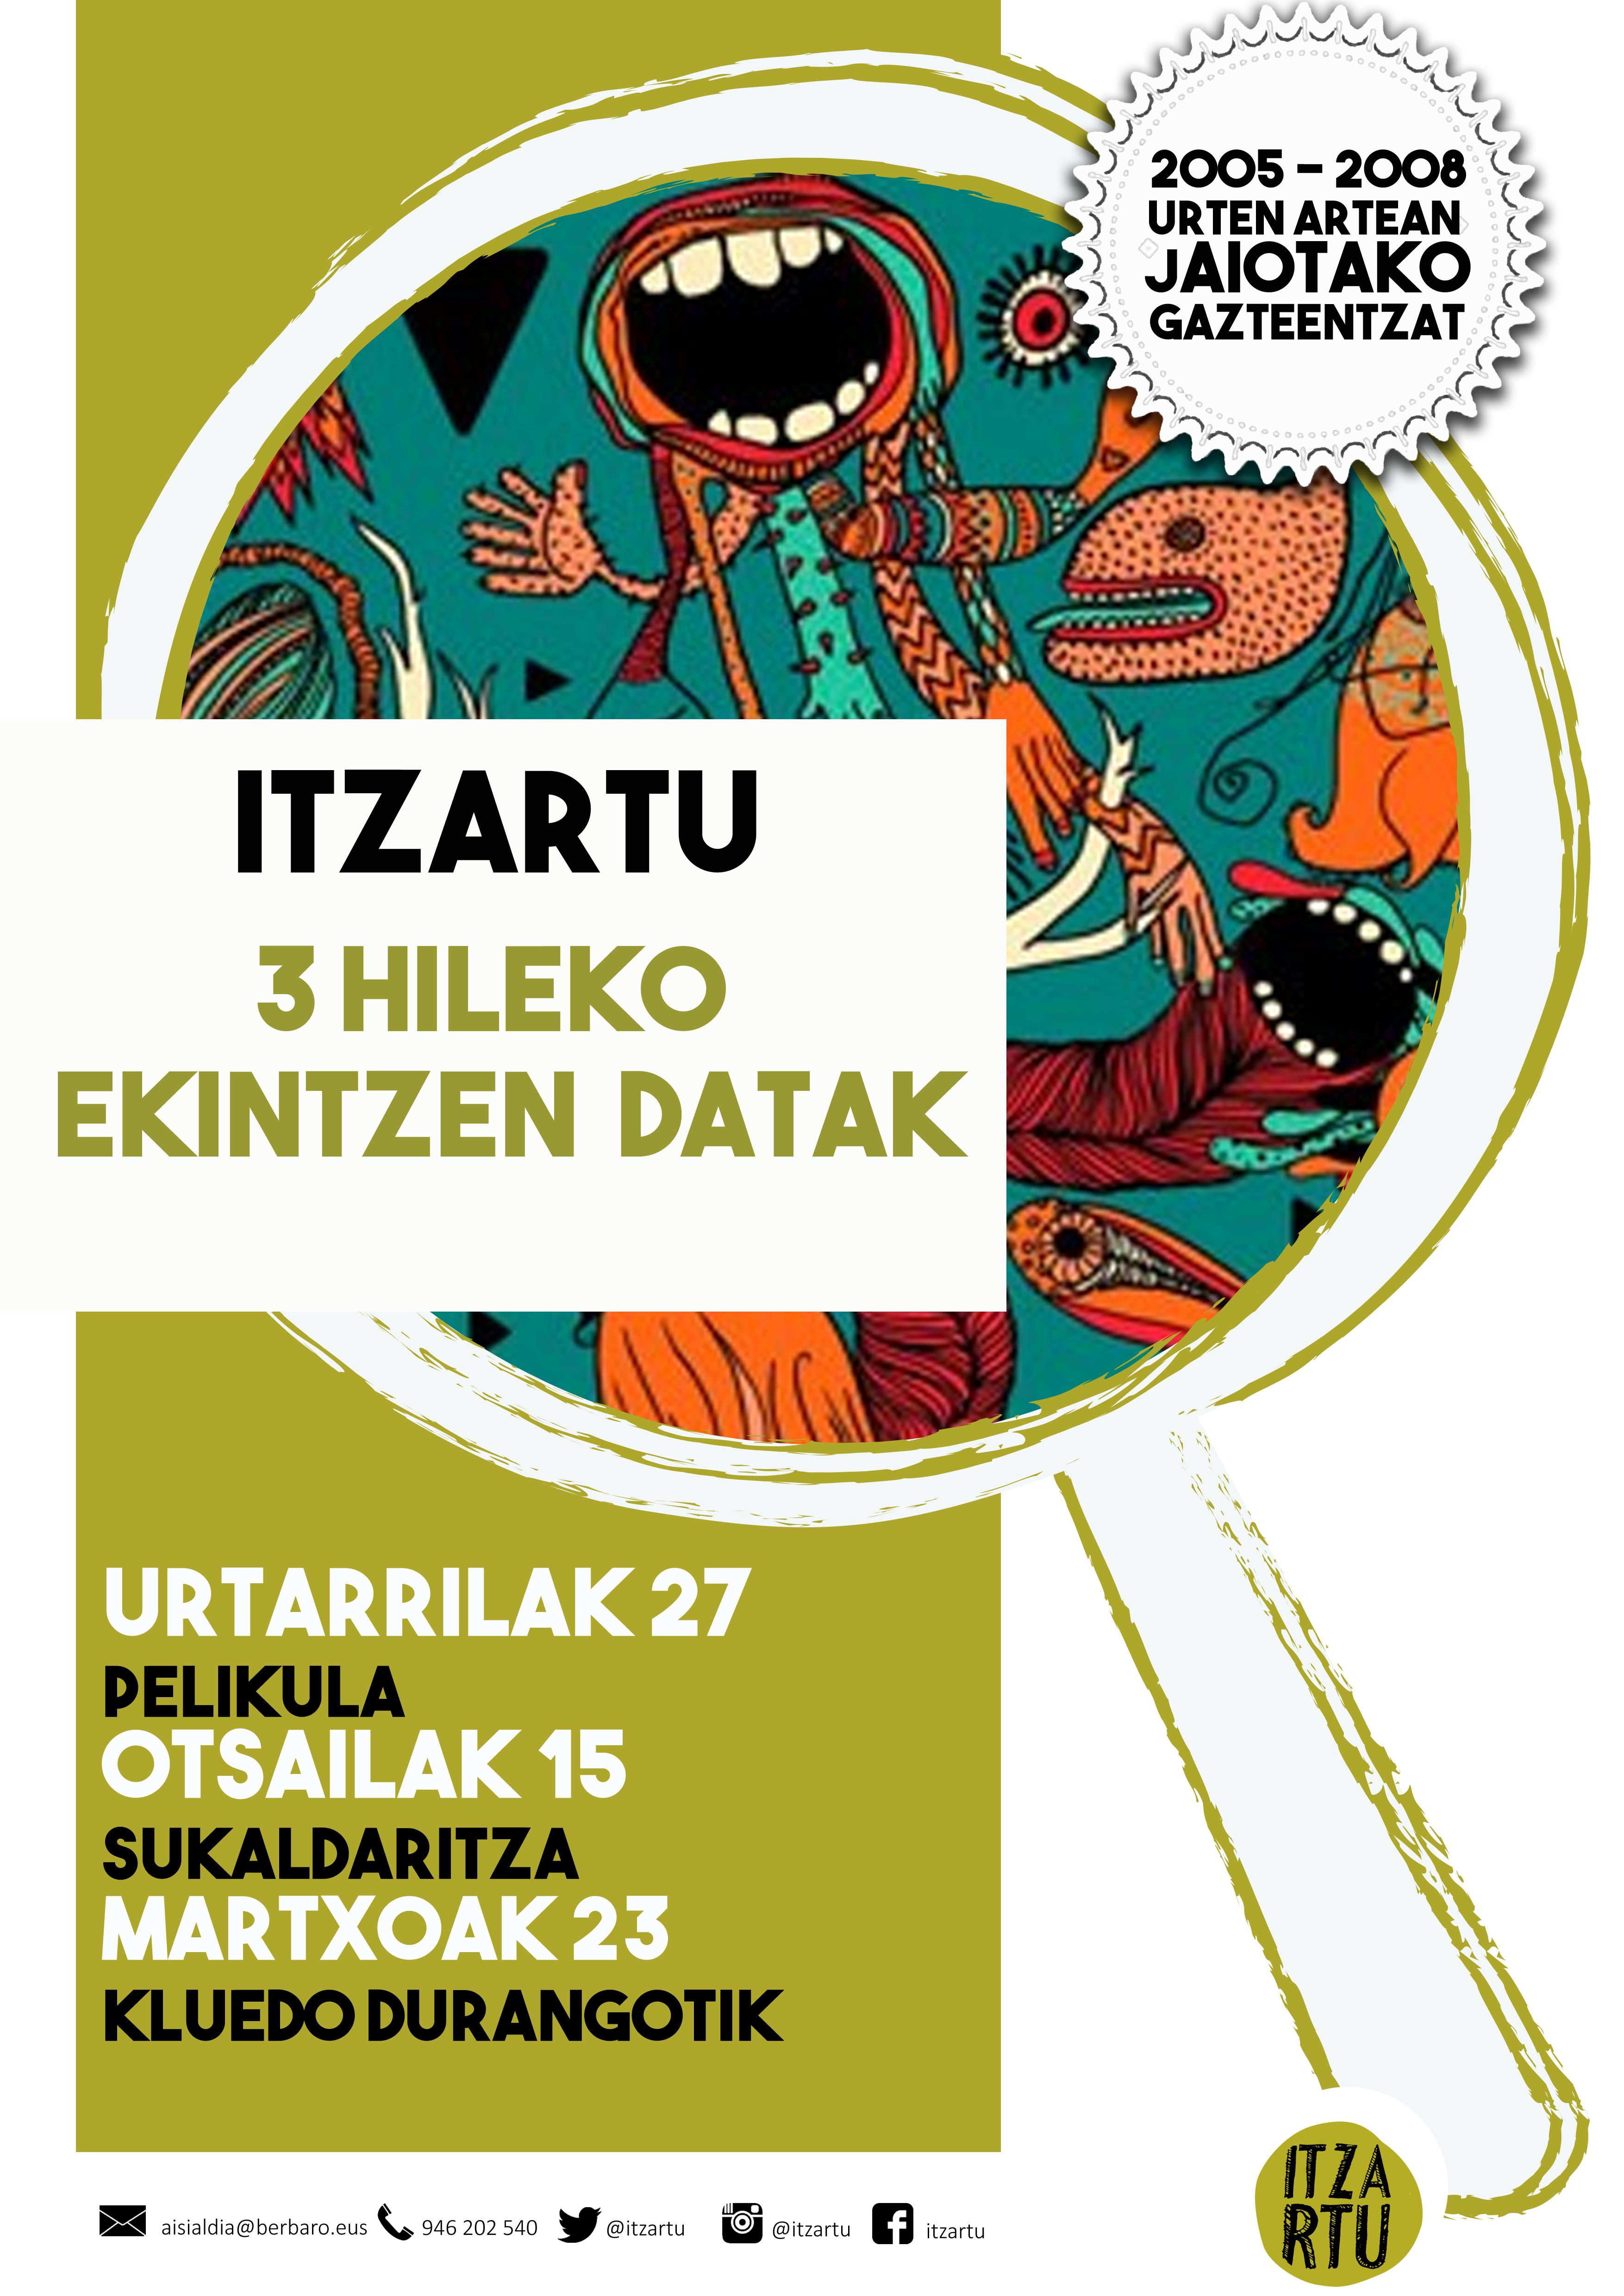 ITZARTU